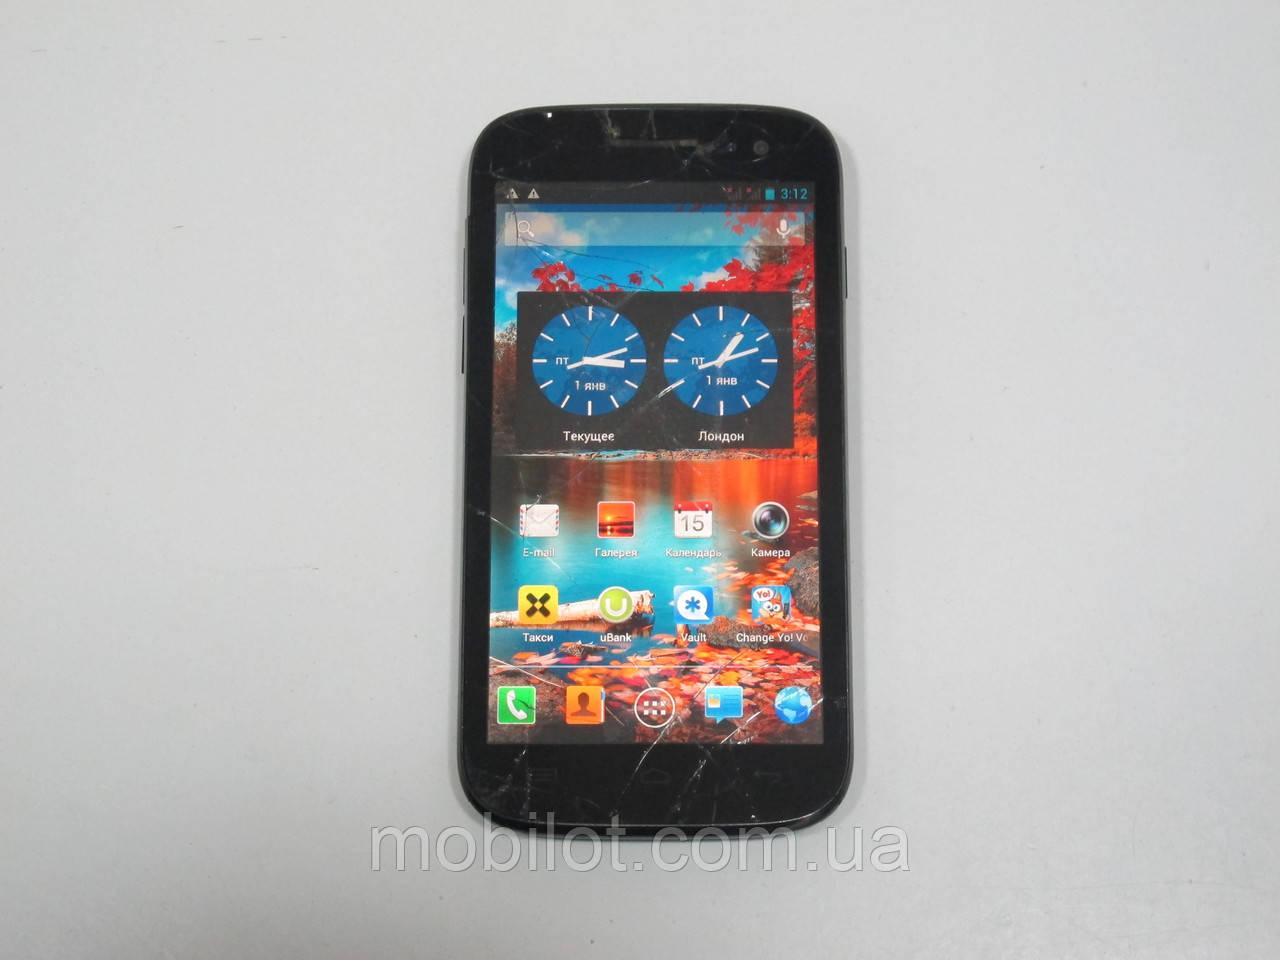 Мобильный телефон Fly IQ451 (TZ-5247)